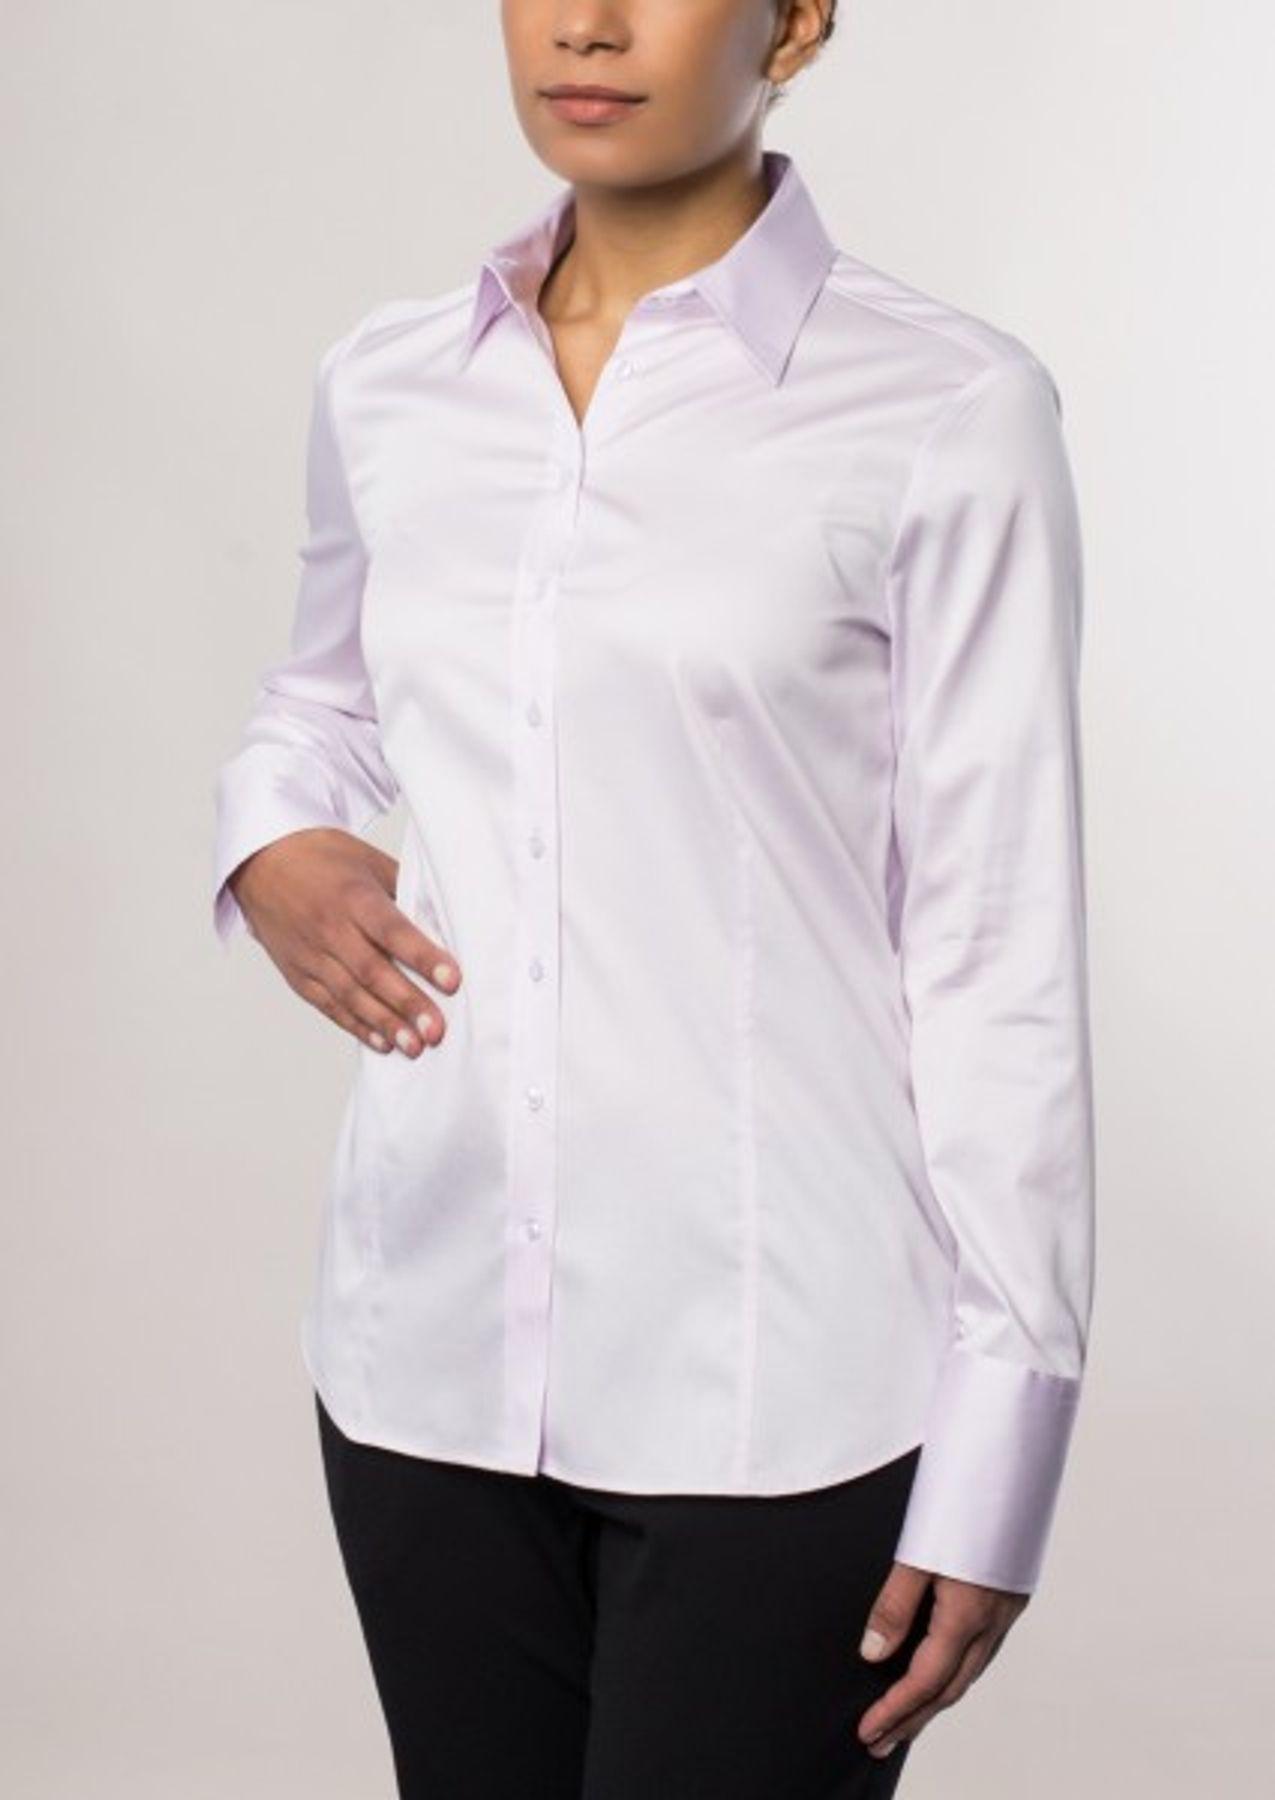 Eterna -  Comfort-Fit - Bügelfreie Damen Bluse Langarm in Weiß, Blau oder Rosé (5352 D624) – Bild 6